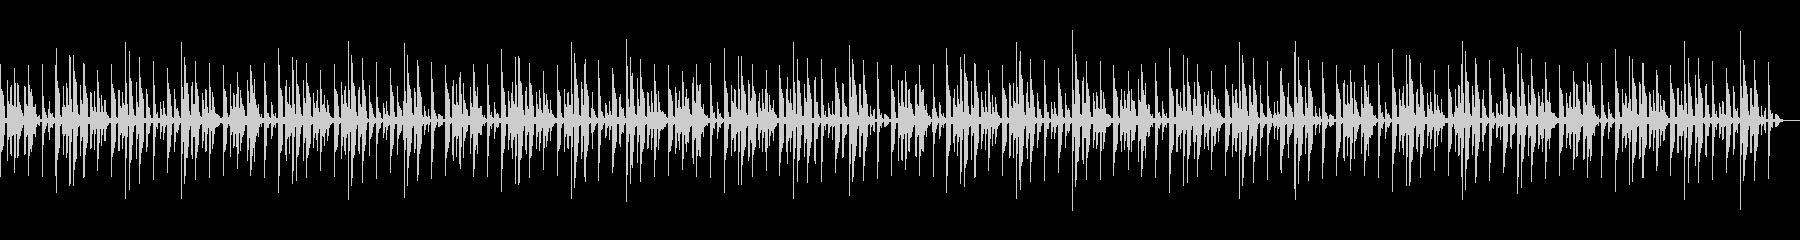 KANTお手軽エレクトロBGMの未再生の波形